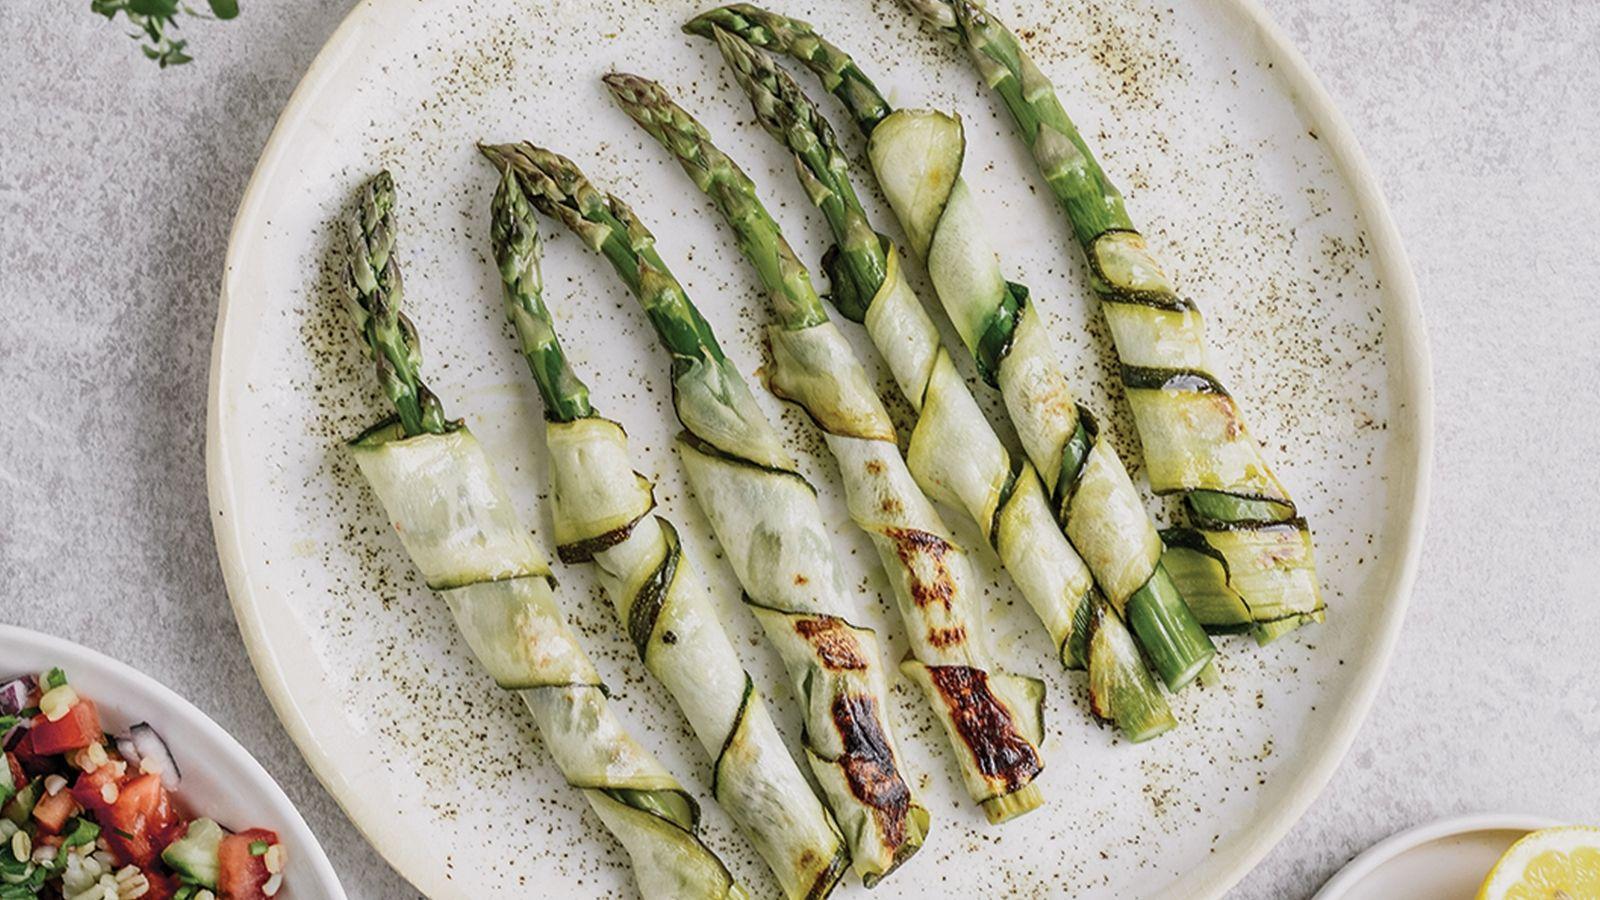 Grillowane szparagi w cytrynowych wstążkach z cukinii, podane z sałatką tabbouleh